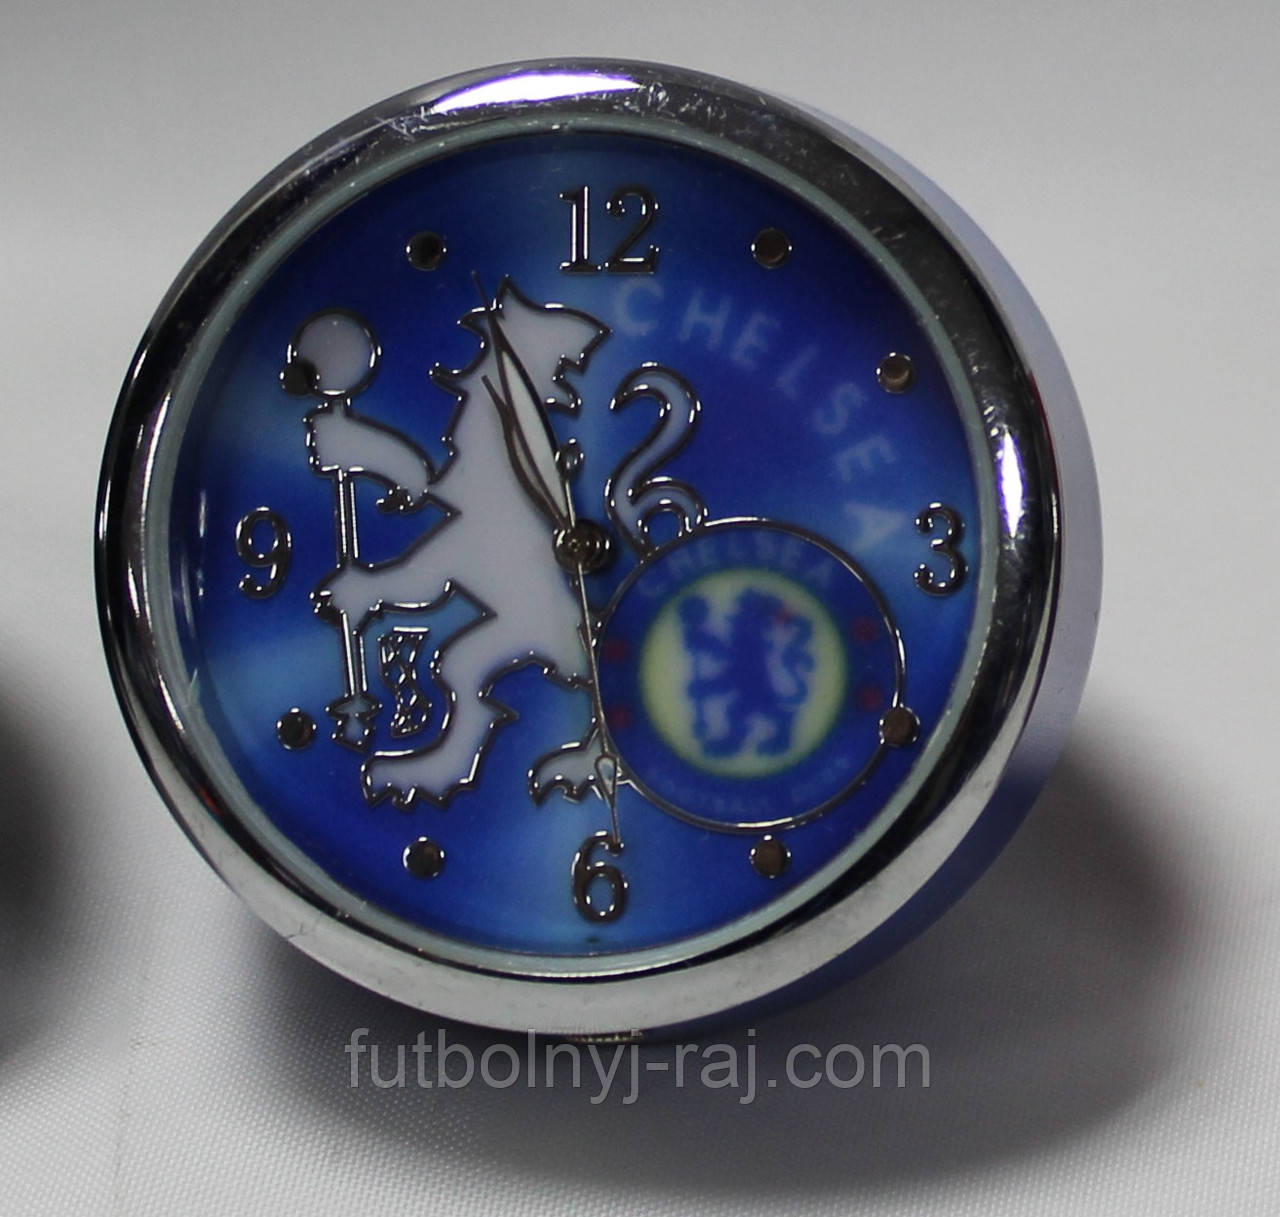 Годинники настільні круглі з символікою FC Chelsea